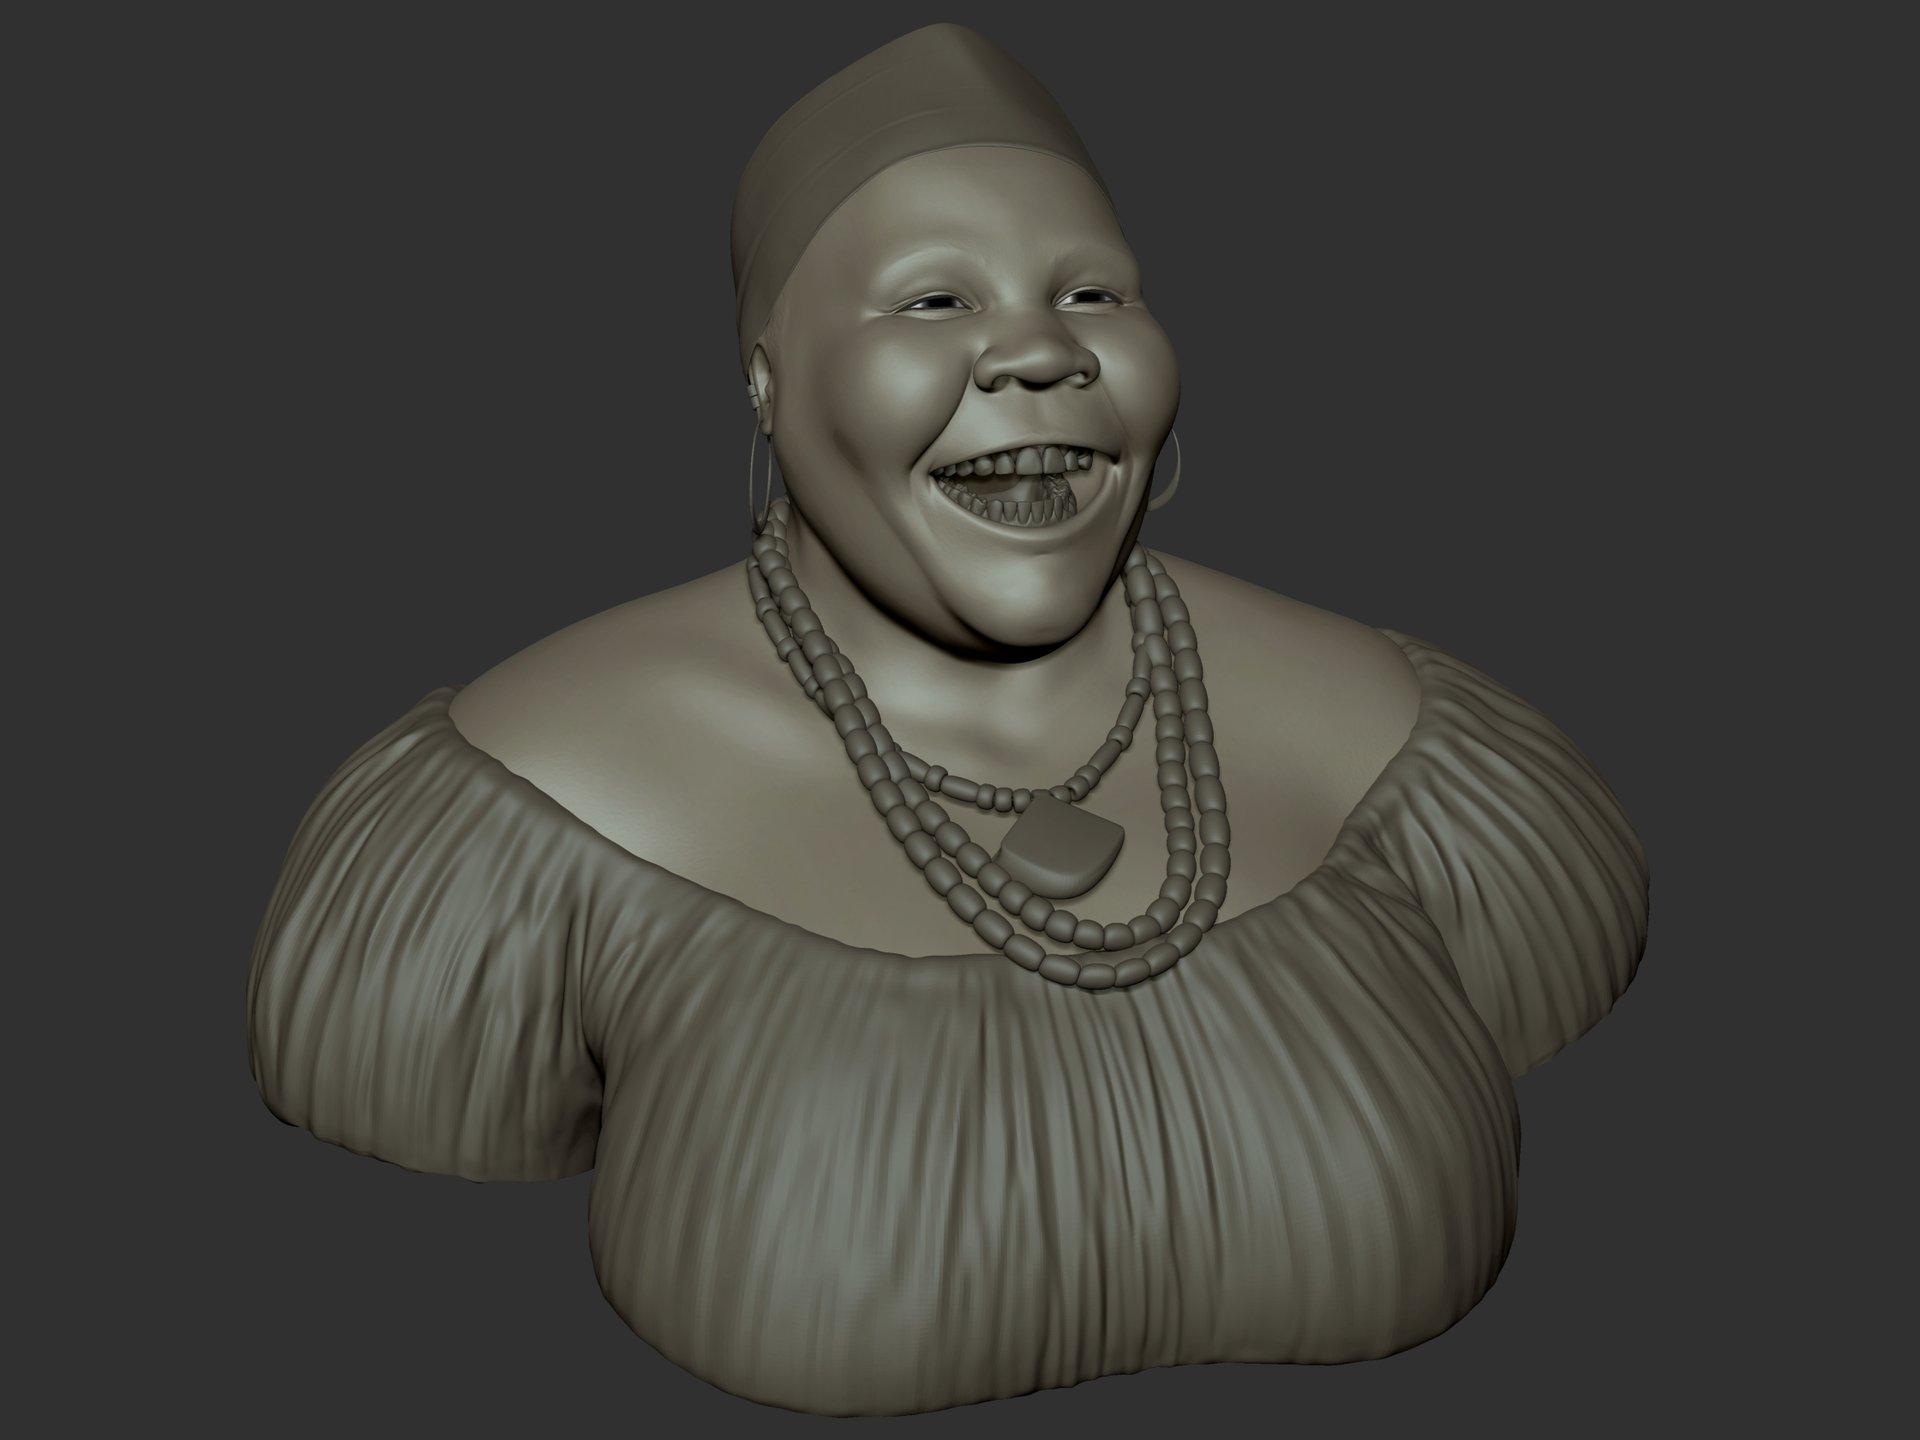 Ganesh poojari african lady 001